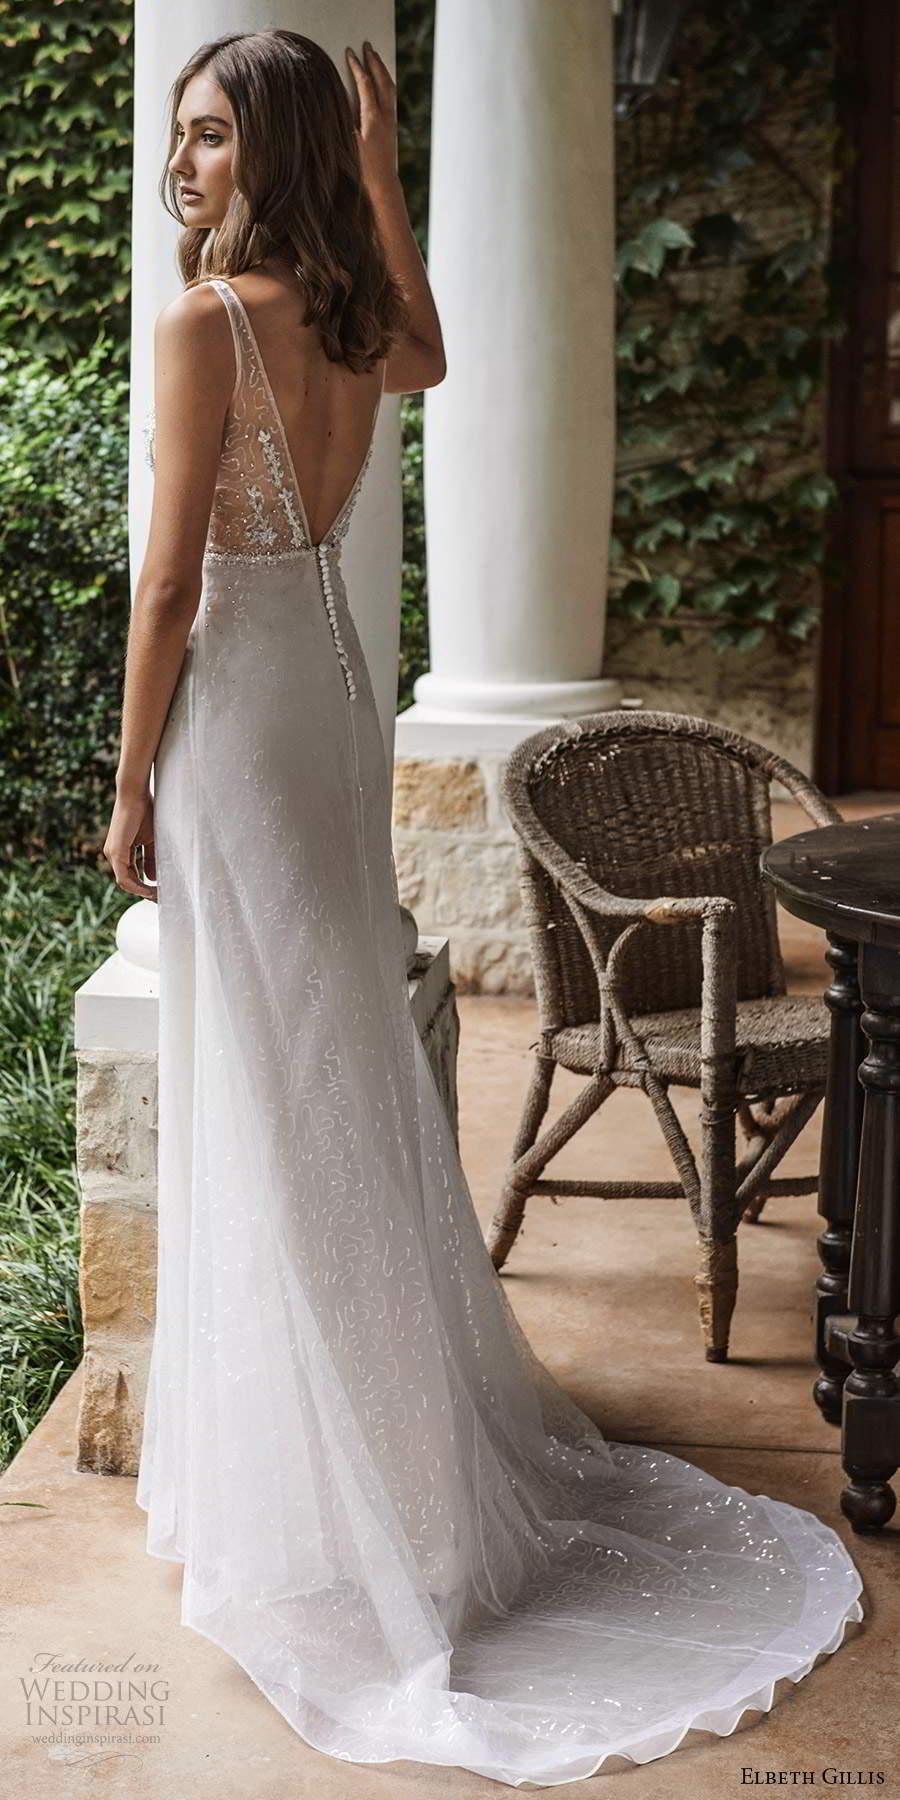 elbeth gillis 2021 bridal sleeveless straps v neckline embellished bodice a line wedding dress v back chapel train (6) bv